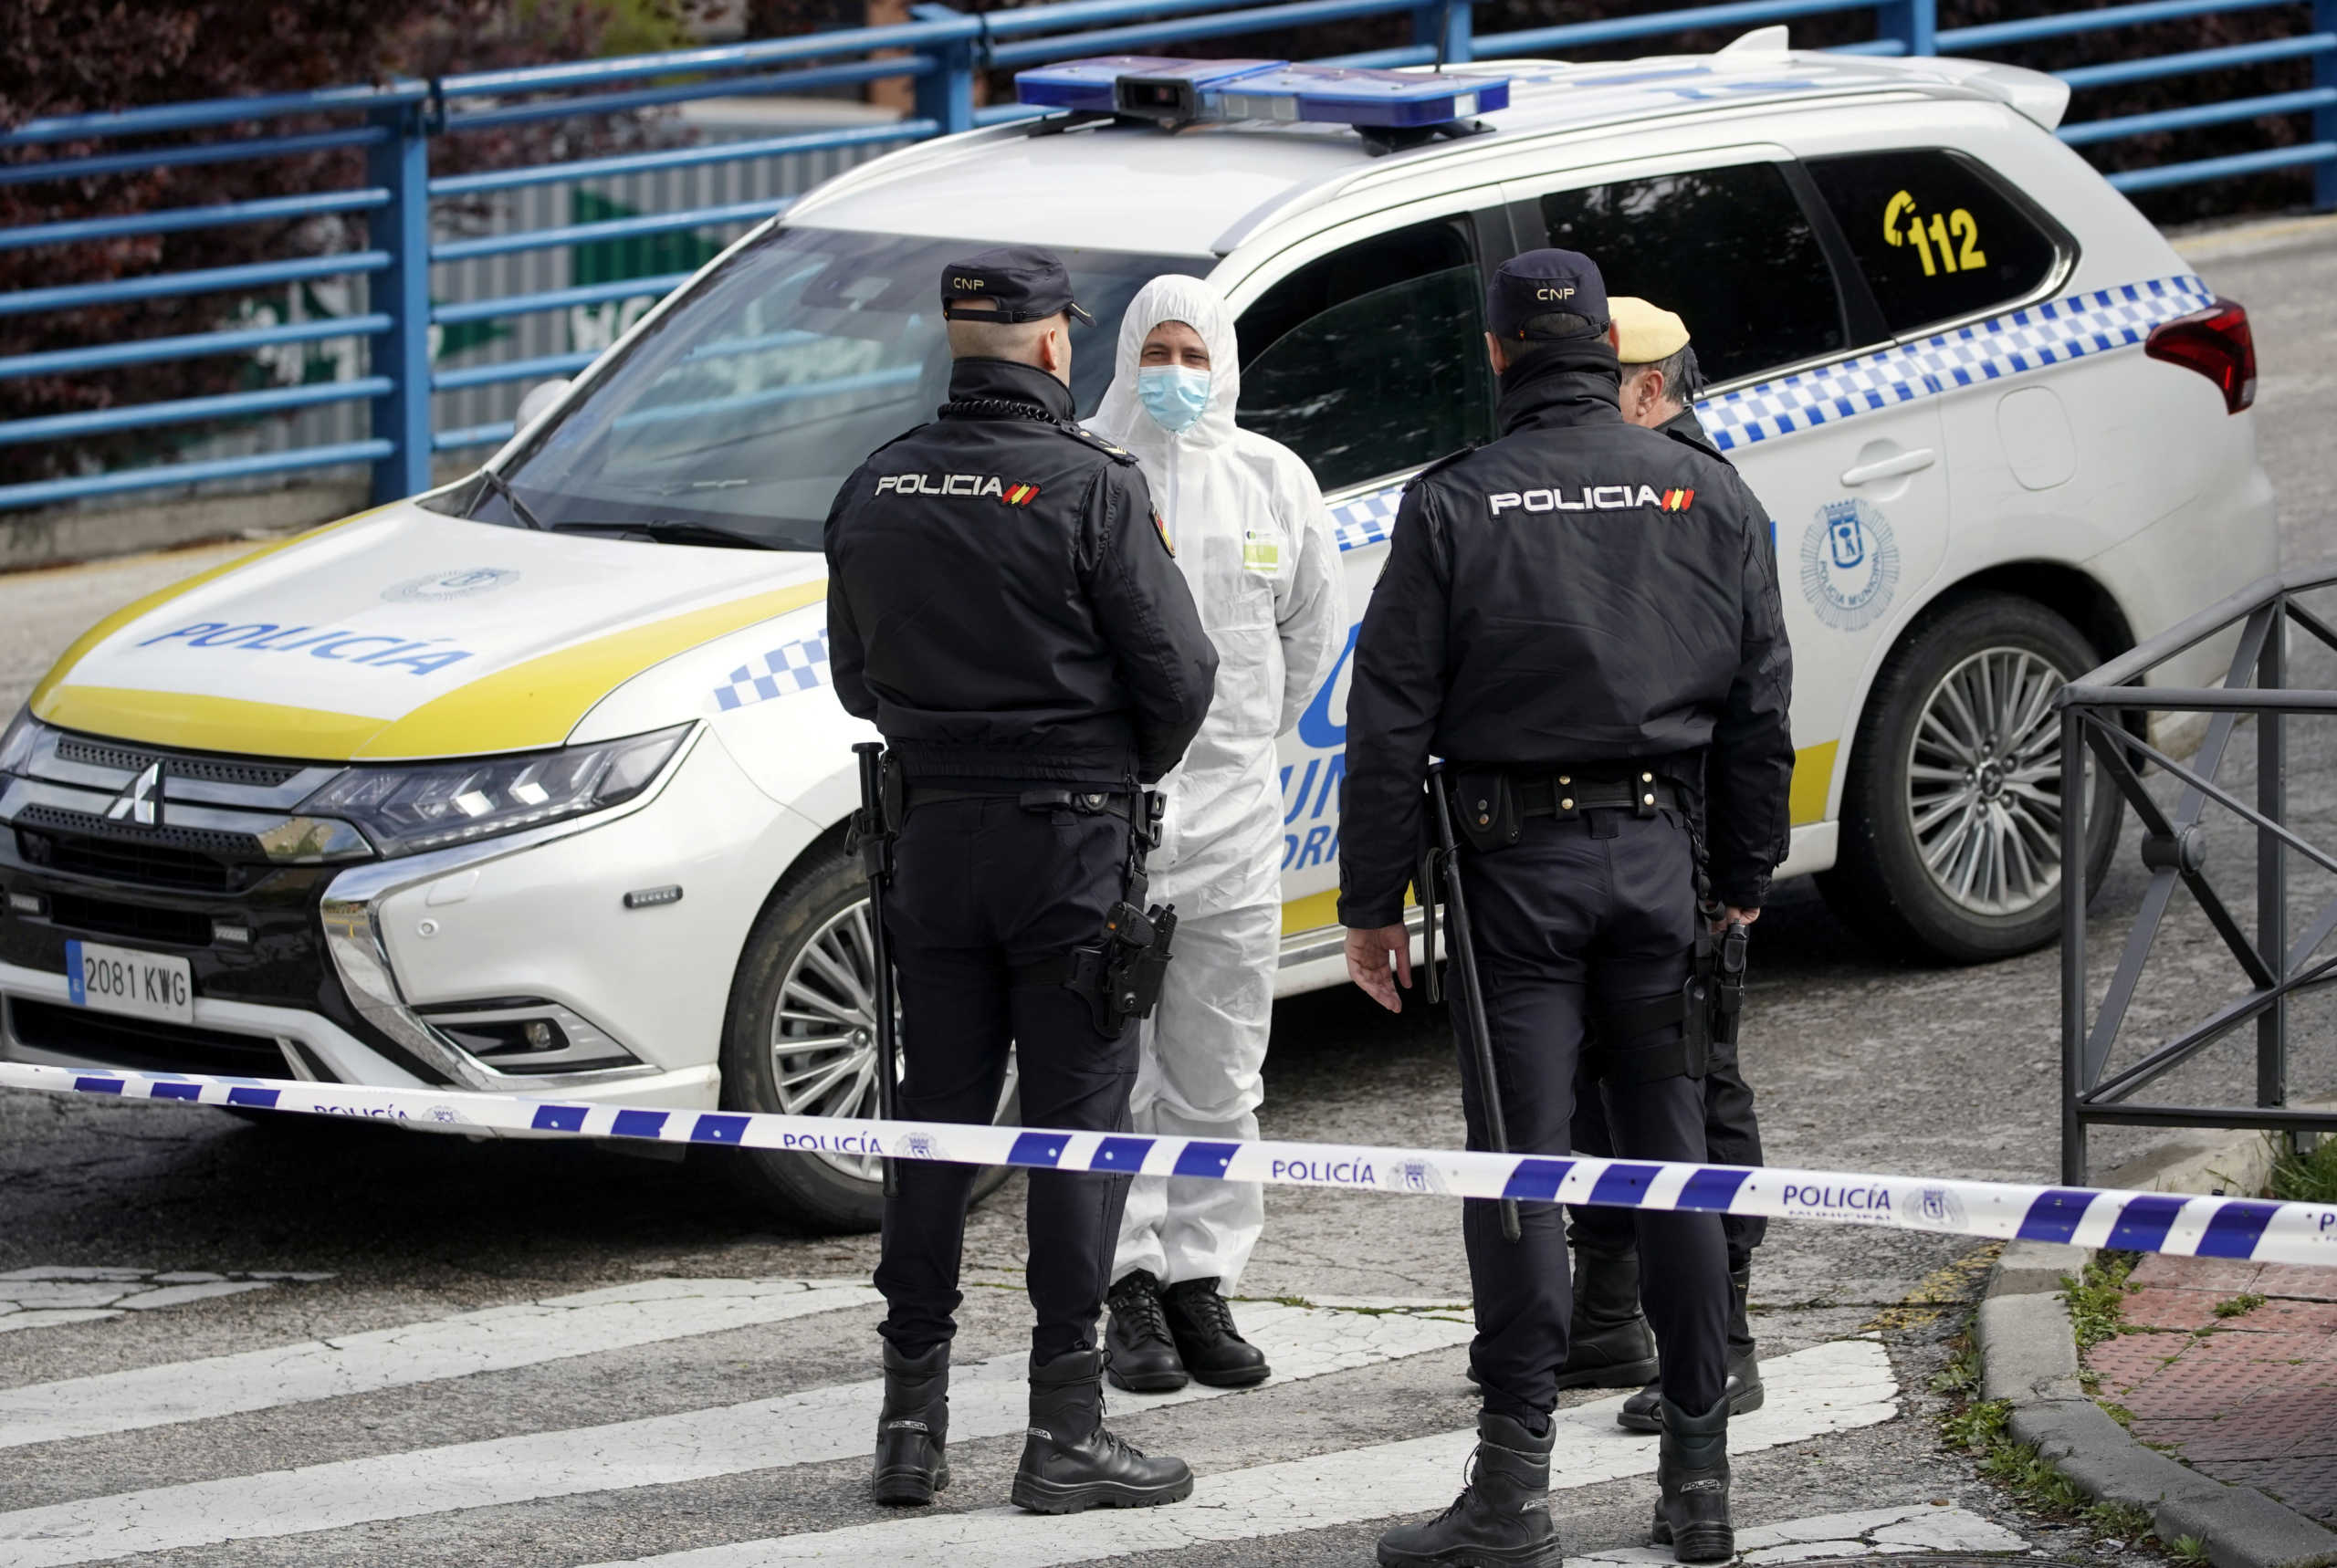 Ισπανία: Το πάλεψε αλλά… μπήκε ξανά σε καραντίνα περιοχή στην Καταλονία